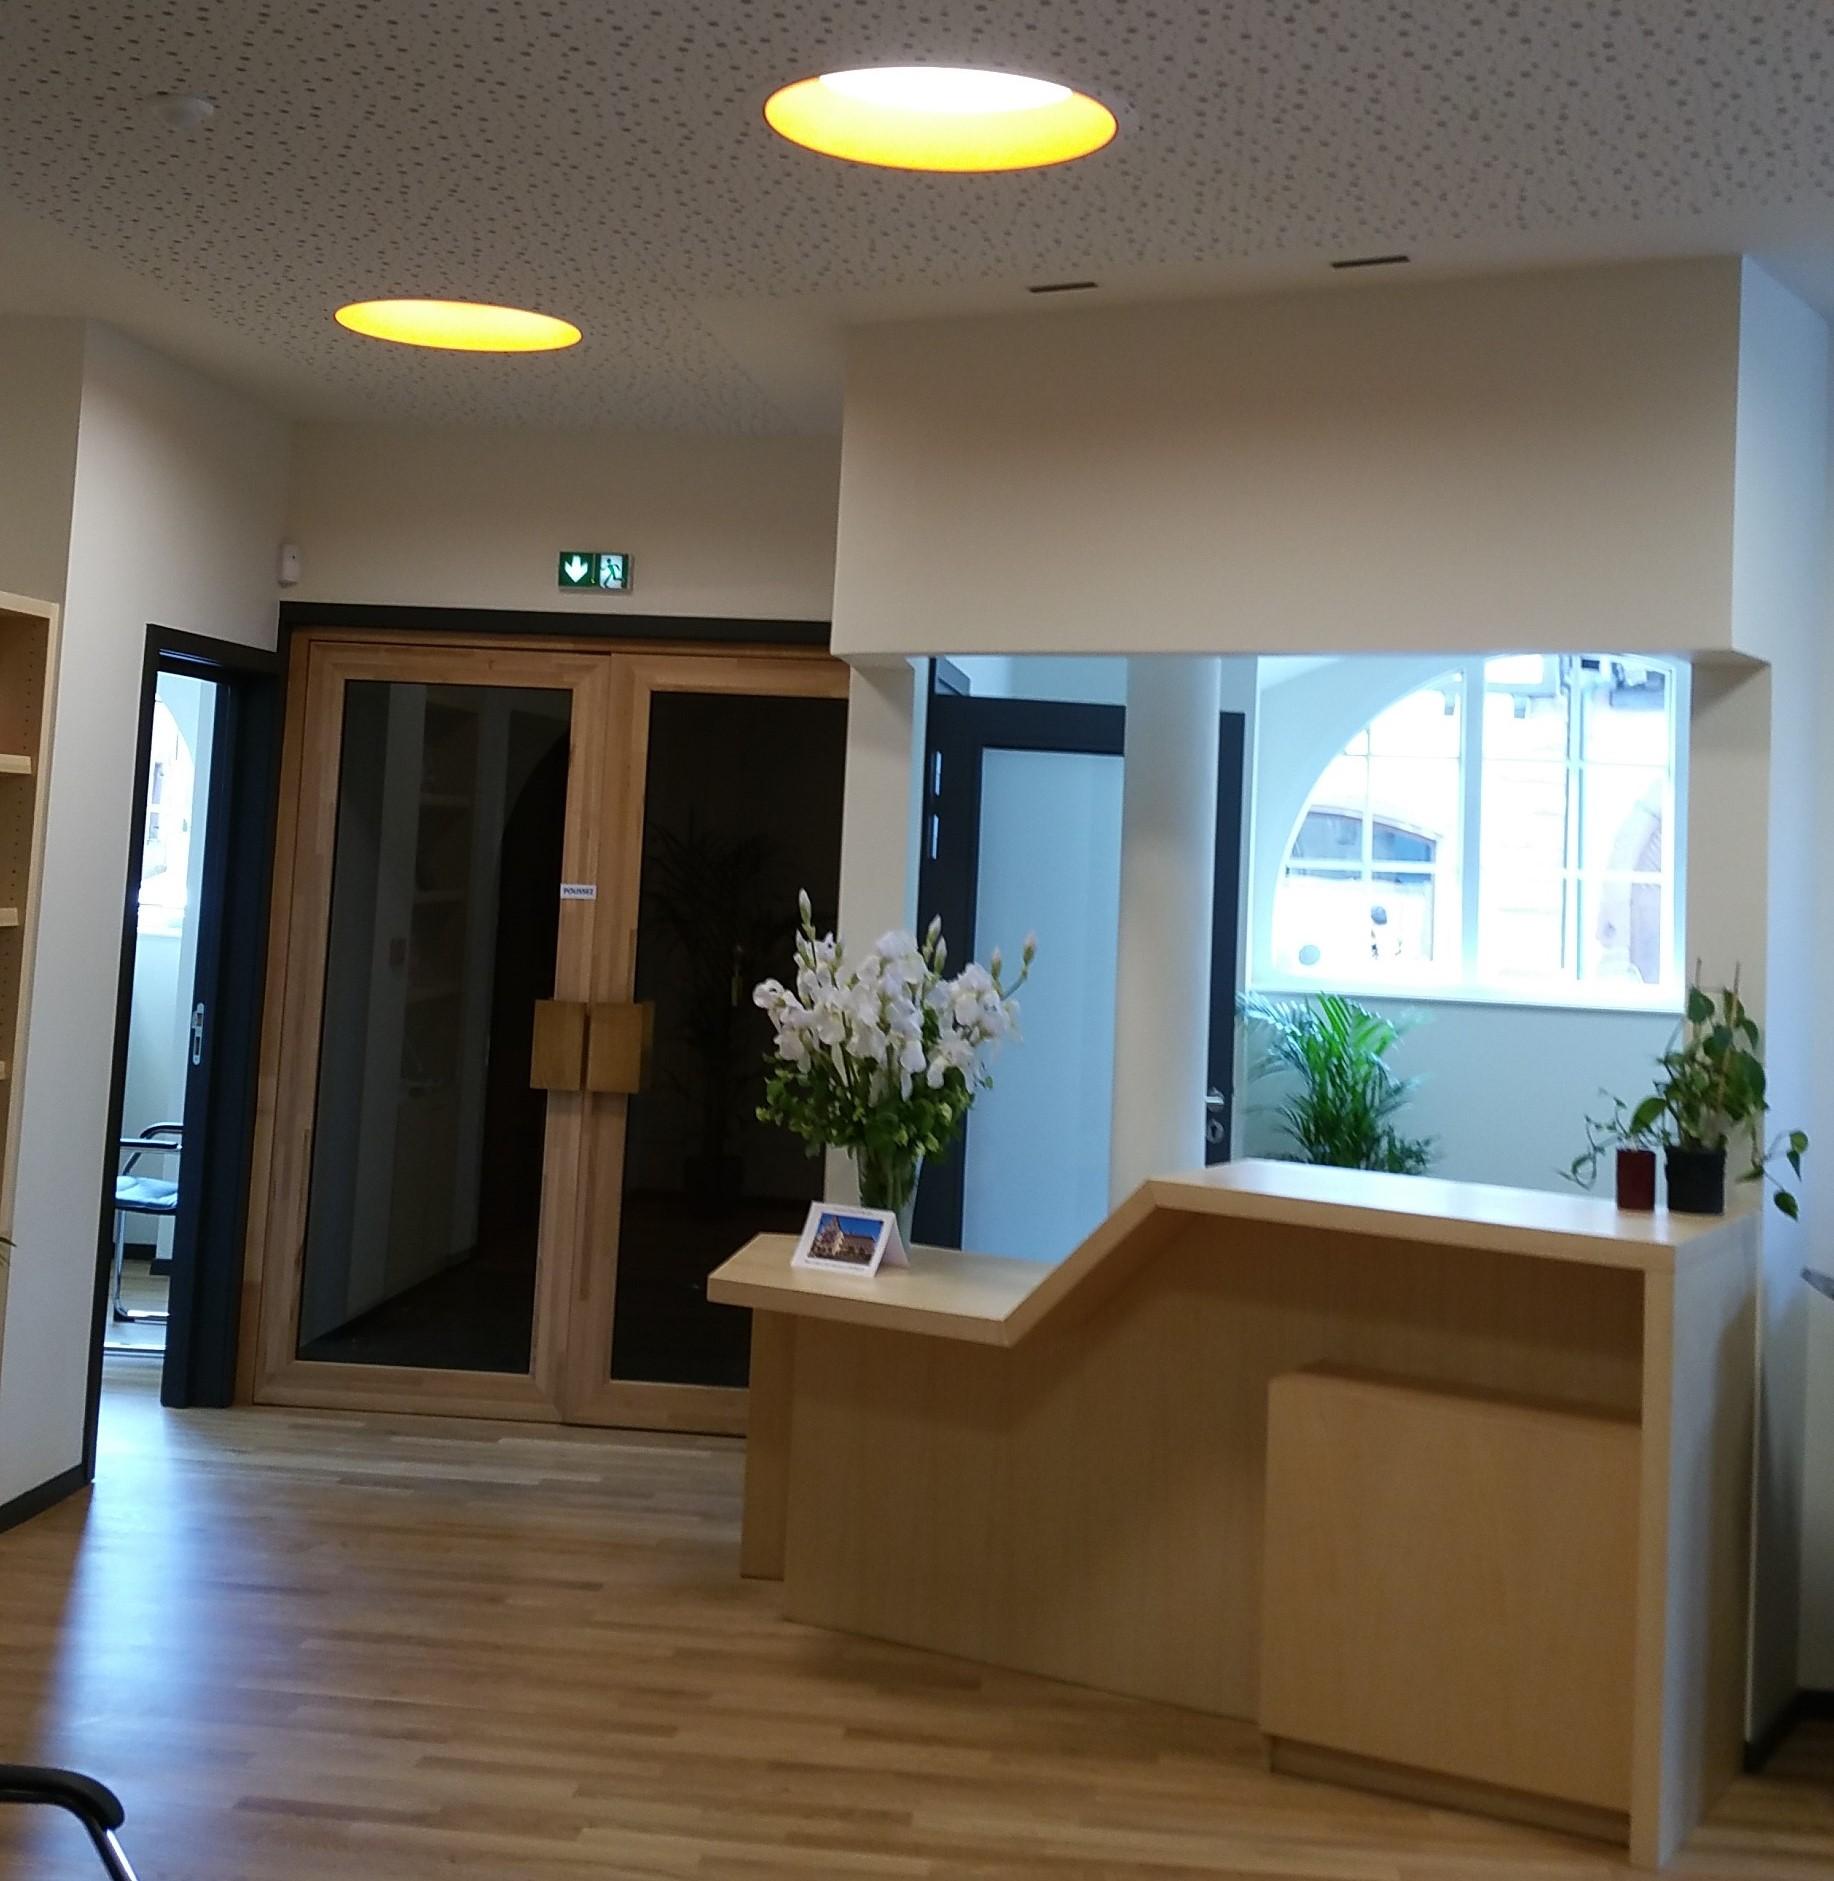 ecole mairie boersch 4